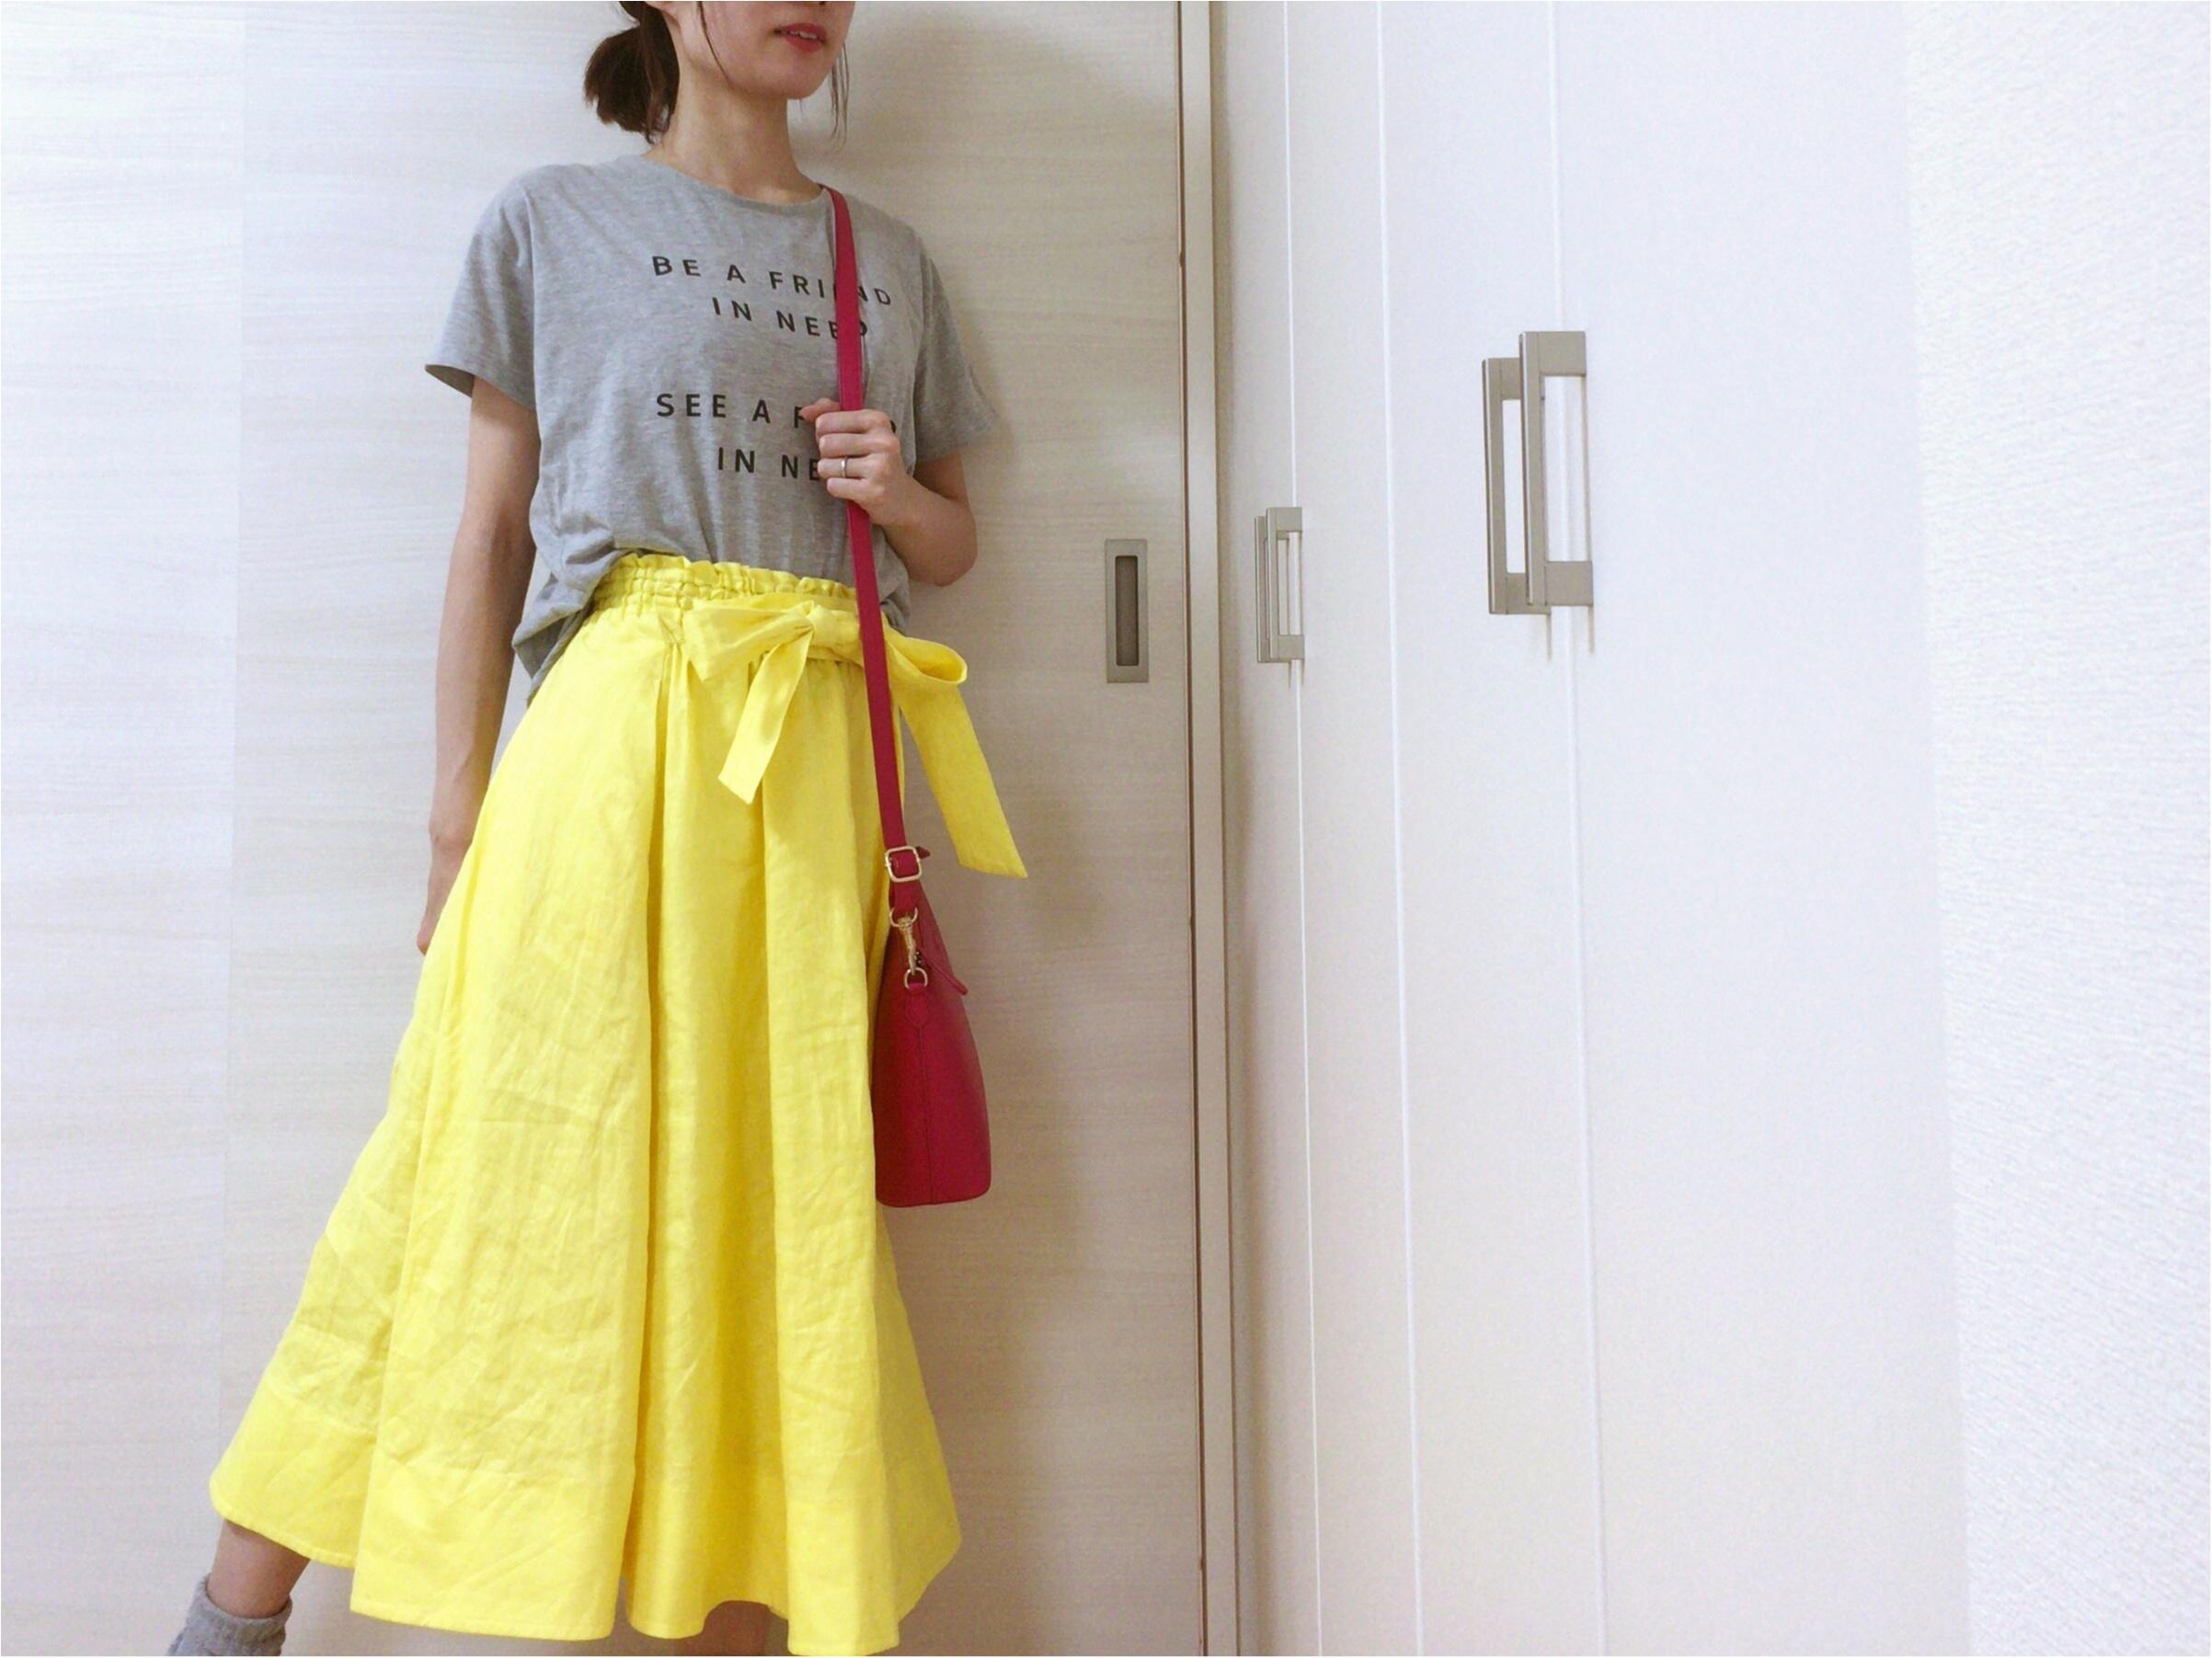 即使える【夏コーデ3選】流行!《イエロースカート》カジュアルからオフィス・休日まで簡単着回し♡_2